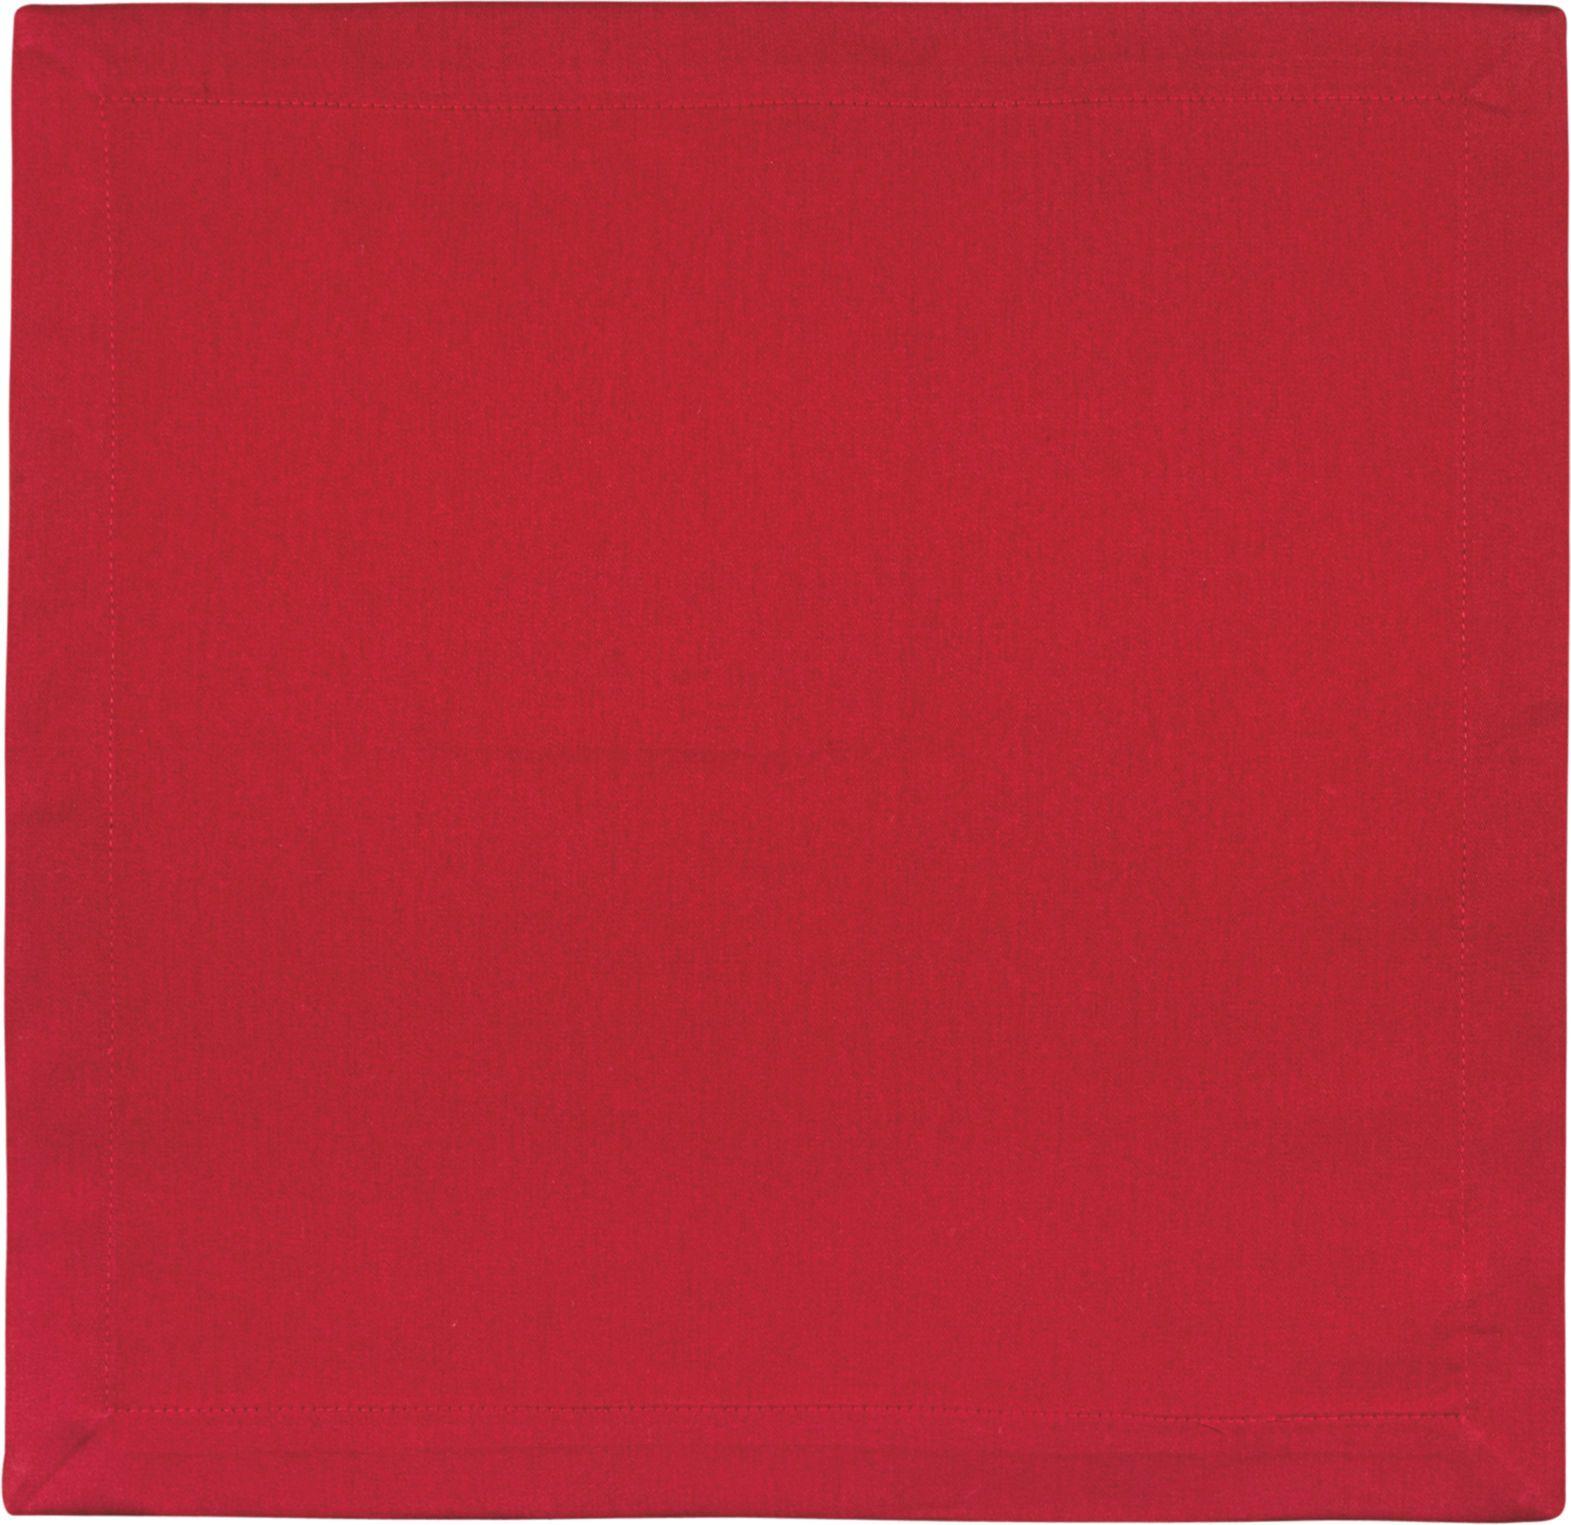 Jogo de Guardanapo Tecido 2pçs Composee Vermelho